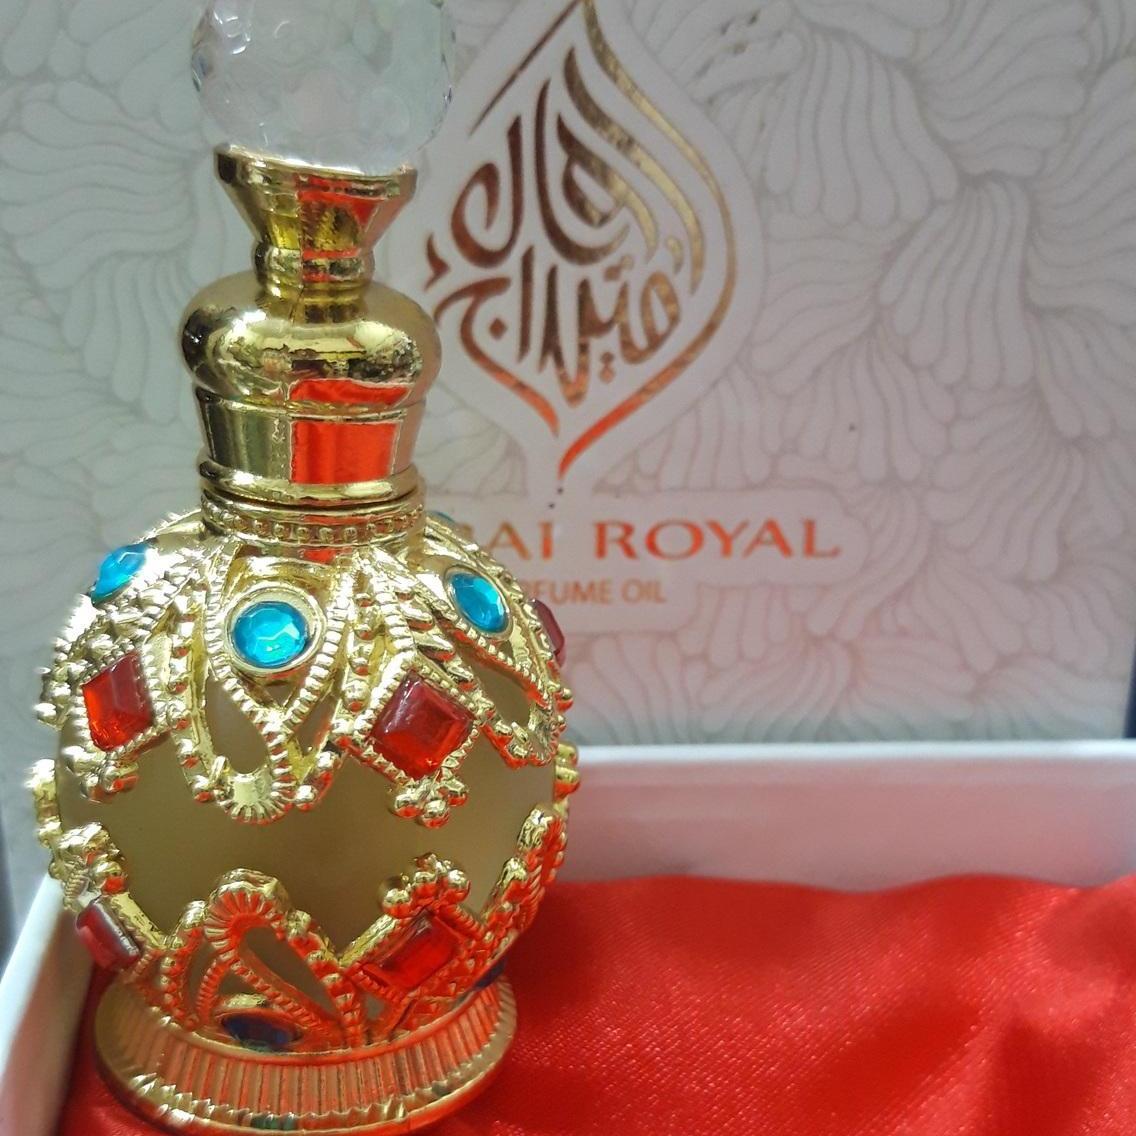 TINH DẦU NƯỚC HOA DUBAI lancome lvb nũ 17ml và chai bi lăn 5ml cao cấp